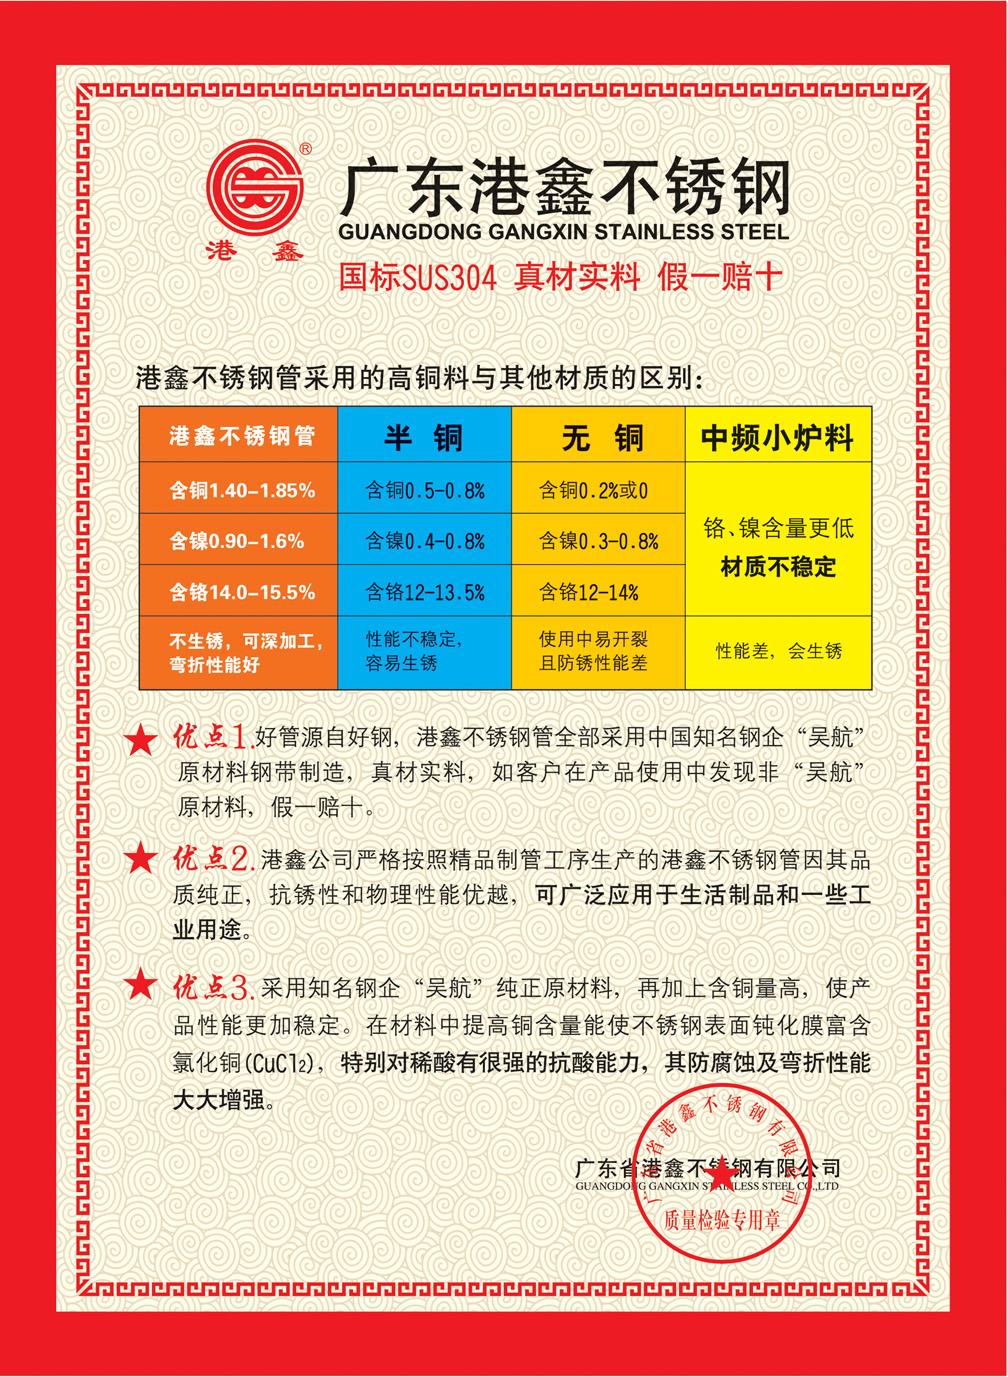 港鑫画册02-2